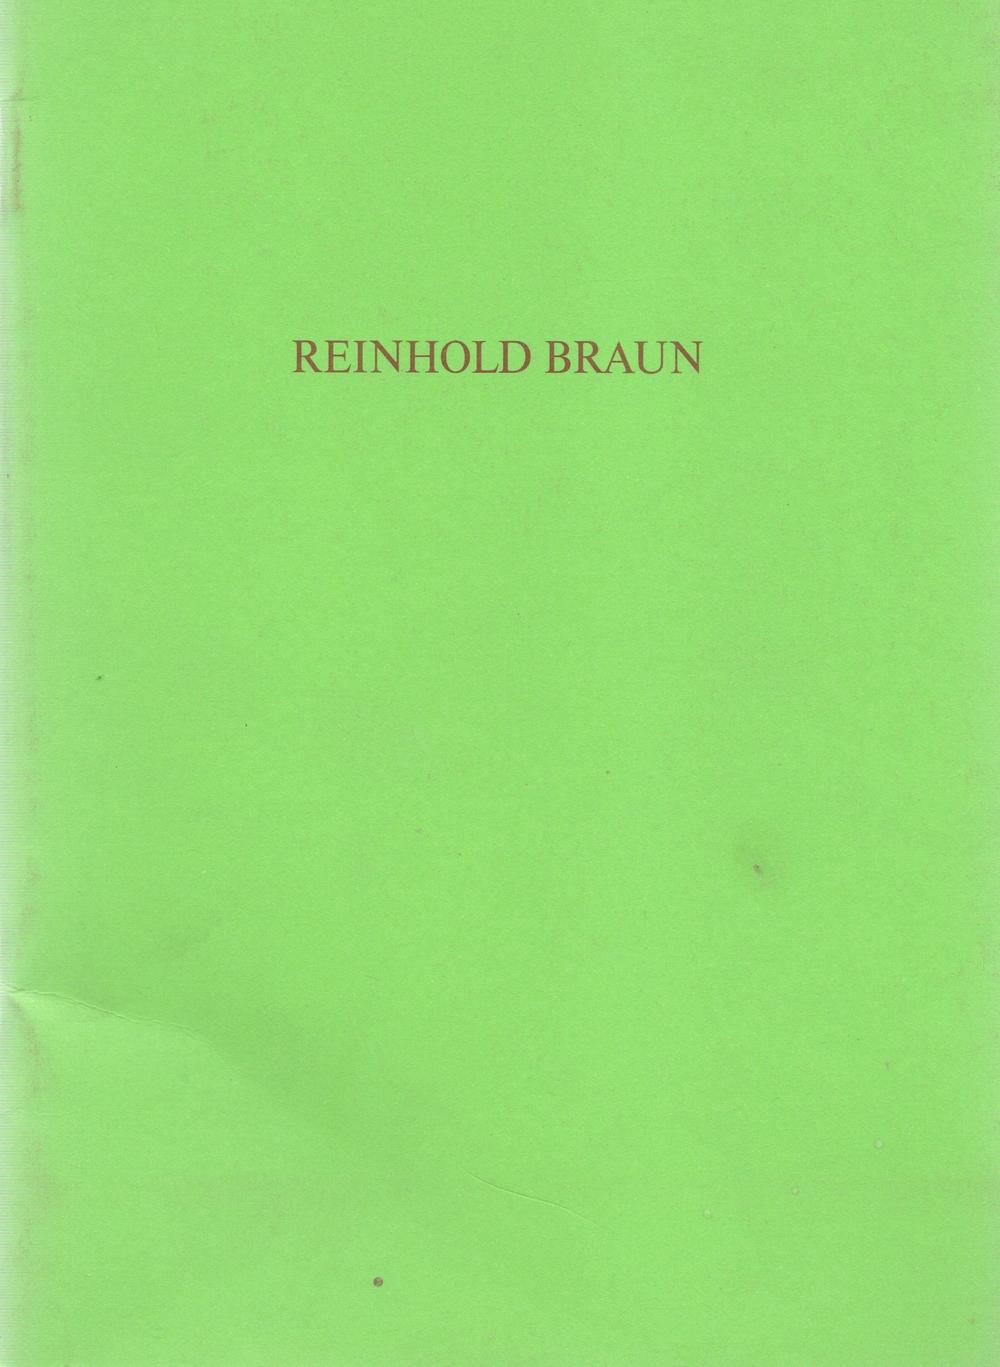 Reinhold Braun Bilder, 1989